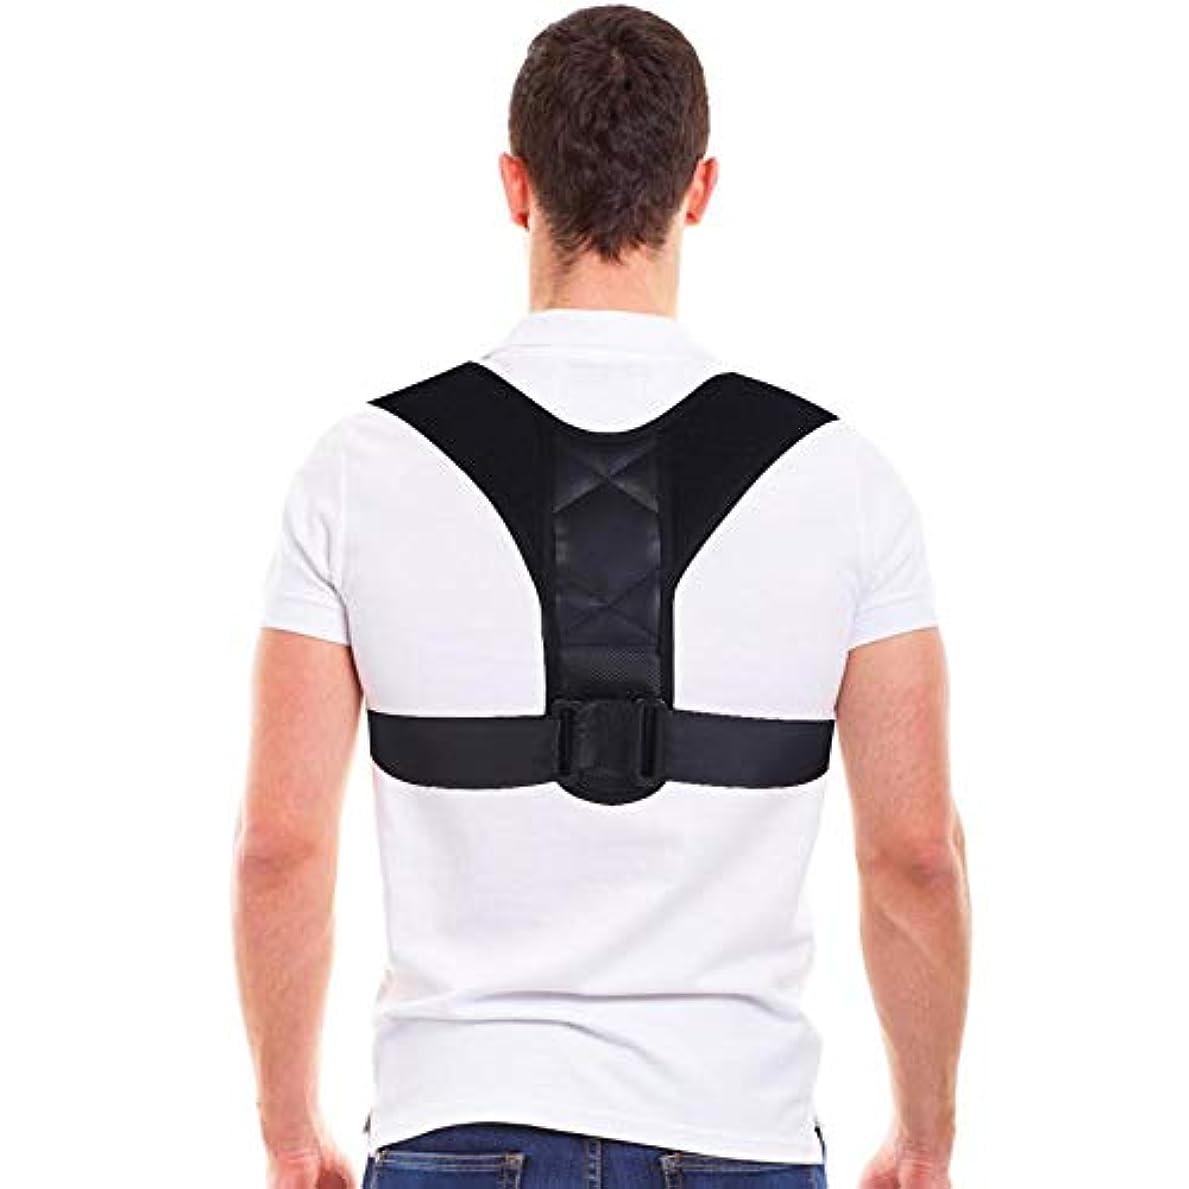 とティーム確かめる生態学コレクター姿勢バックサポートベルト、8字型デザインの調節可能な鎖骨装具バンド、男性と女性の姿勢、腰痛予防、腰痛予防